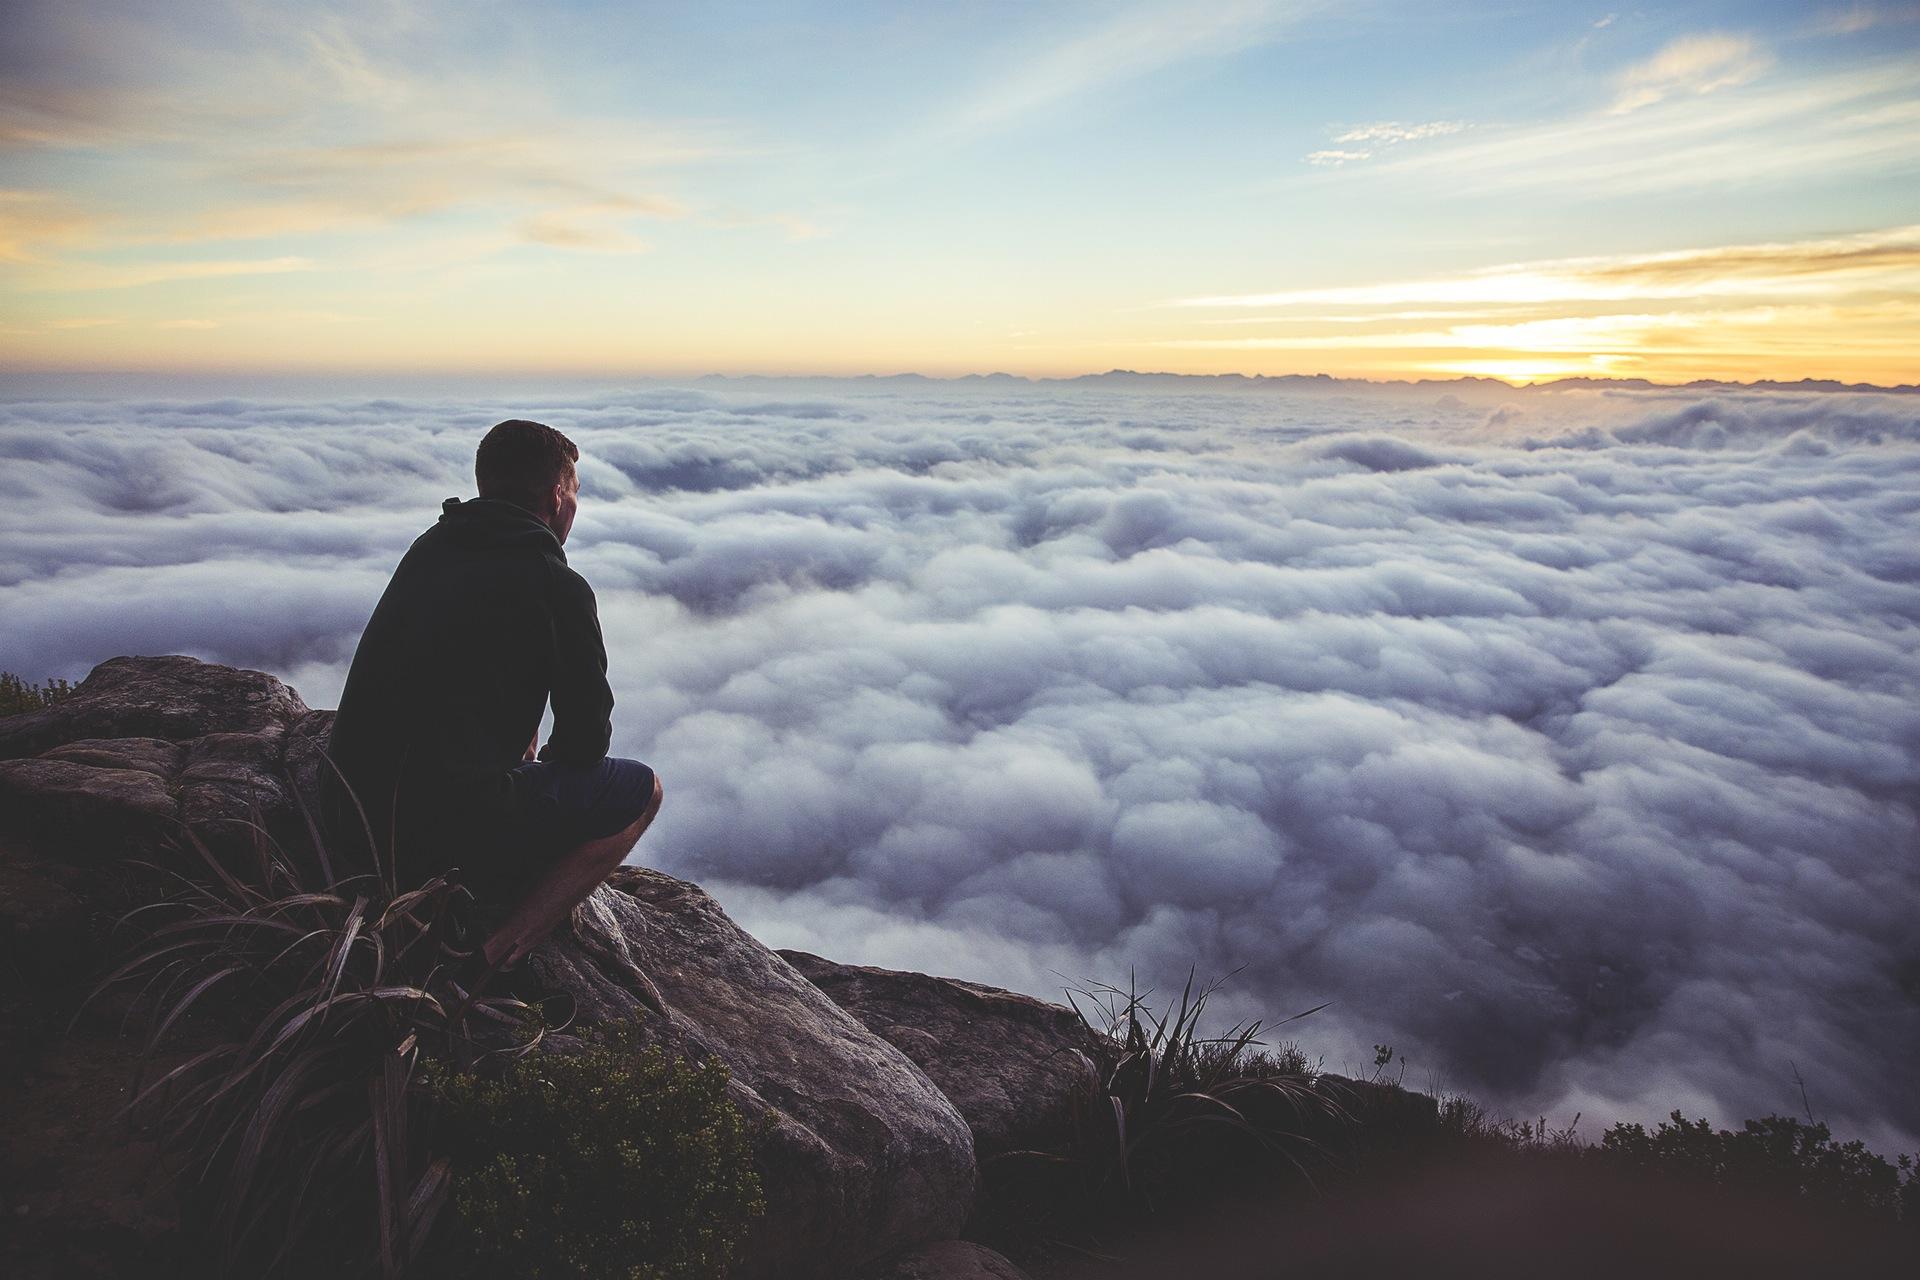 云彩, 太阳, 日落, 男子, 山脉, 雾, 放松, 灵感 - 高清壁纸 - 教授-falken.com